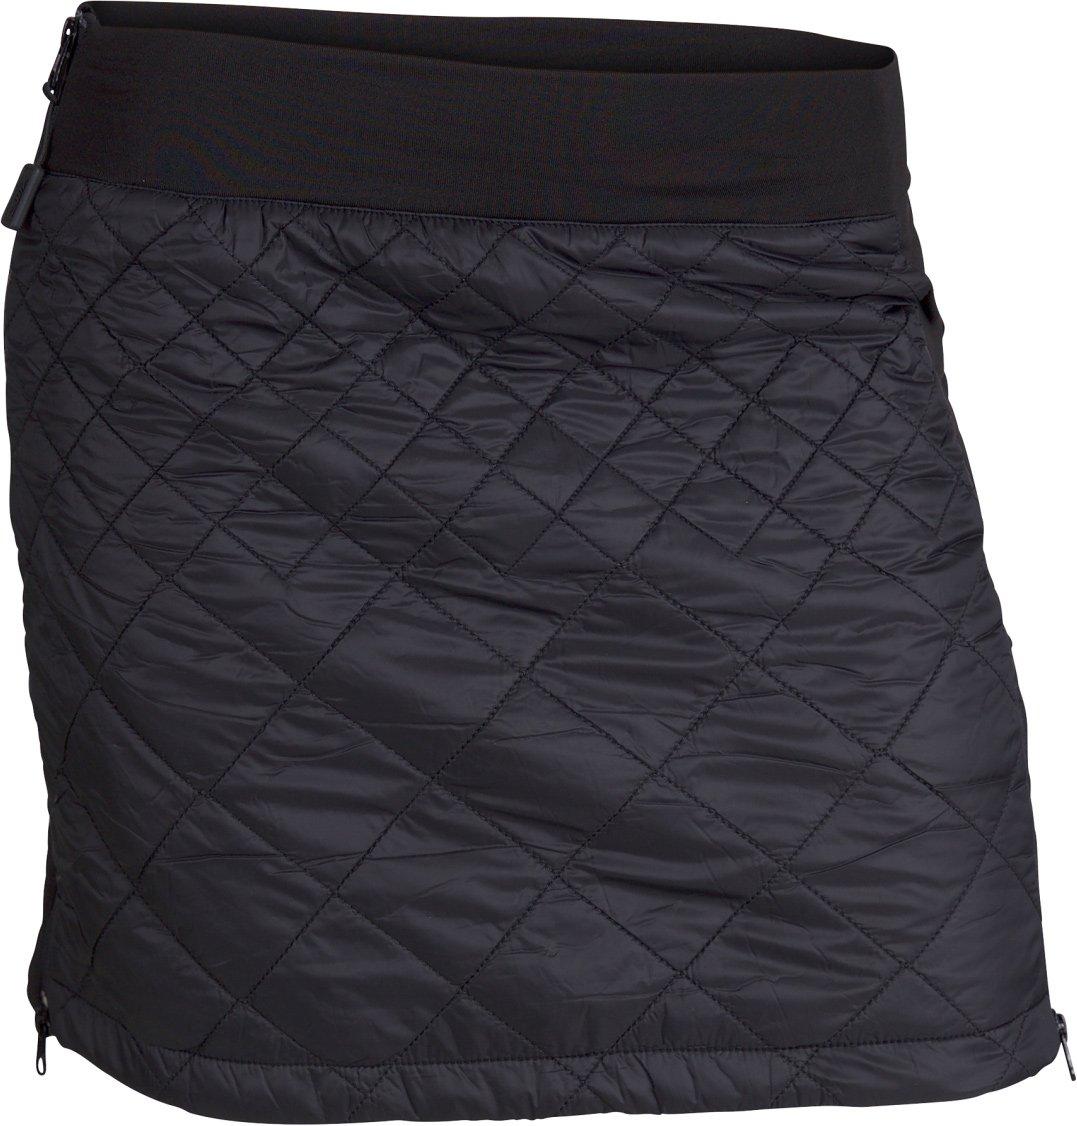 Swix - Menali Quilted Skirt - Women's by Swix